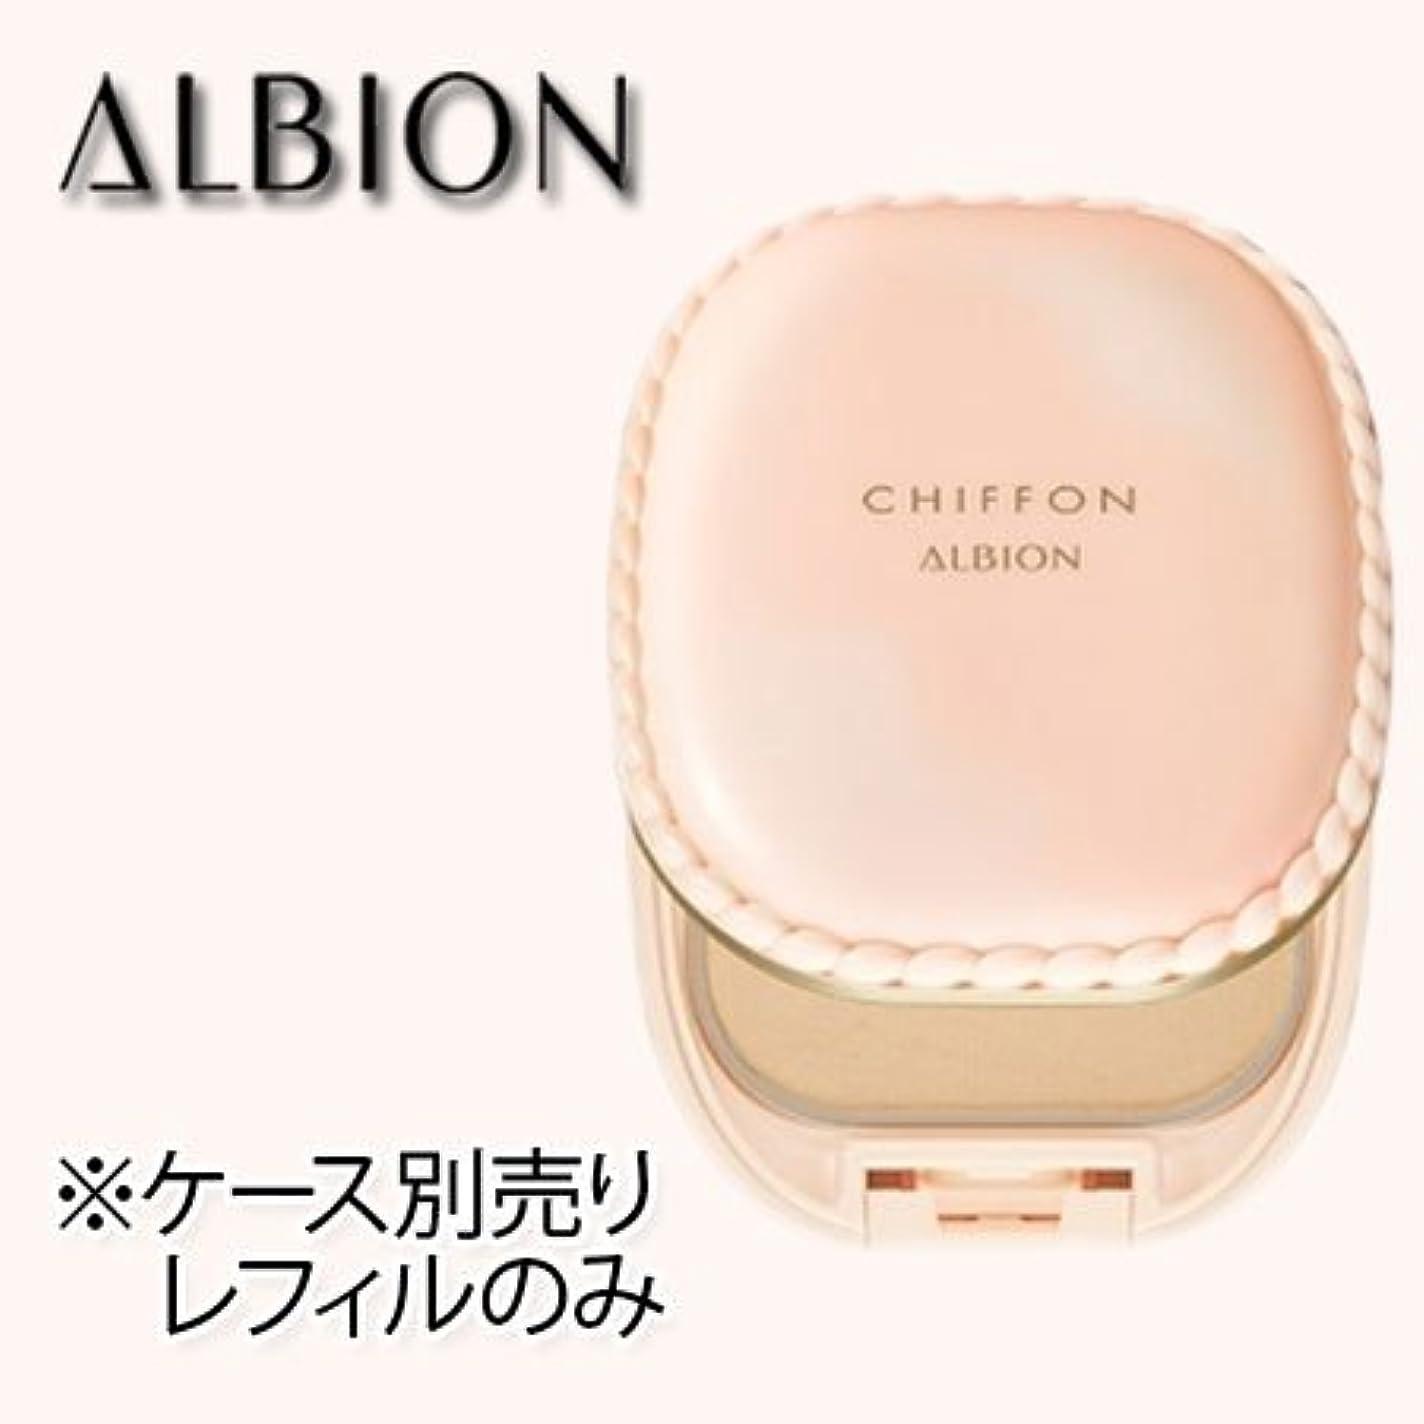 疎外する物理的な面積アルビオン スウィート モイスチュア シフォン (レフィル) 10g 6色 SPF22 PA++-ALBION- 030